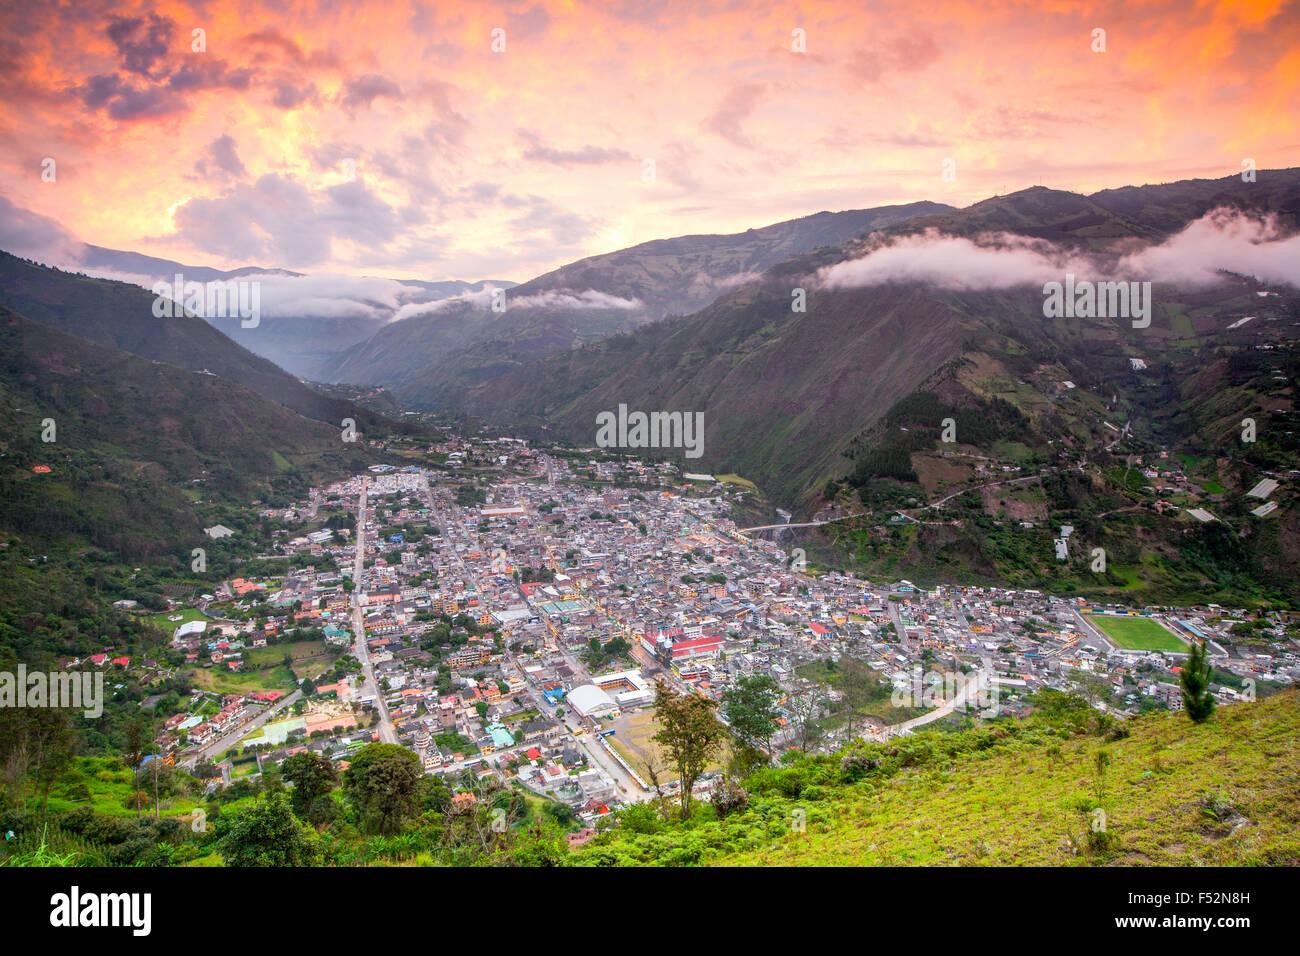 Banos Kanton ist ein Kanton von Ecuador in der Provinz Tungurahua Es ist auch ein Ort mit vielen touristischen Attraktionen Stockfoto